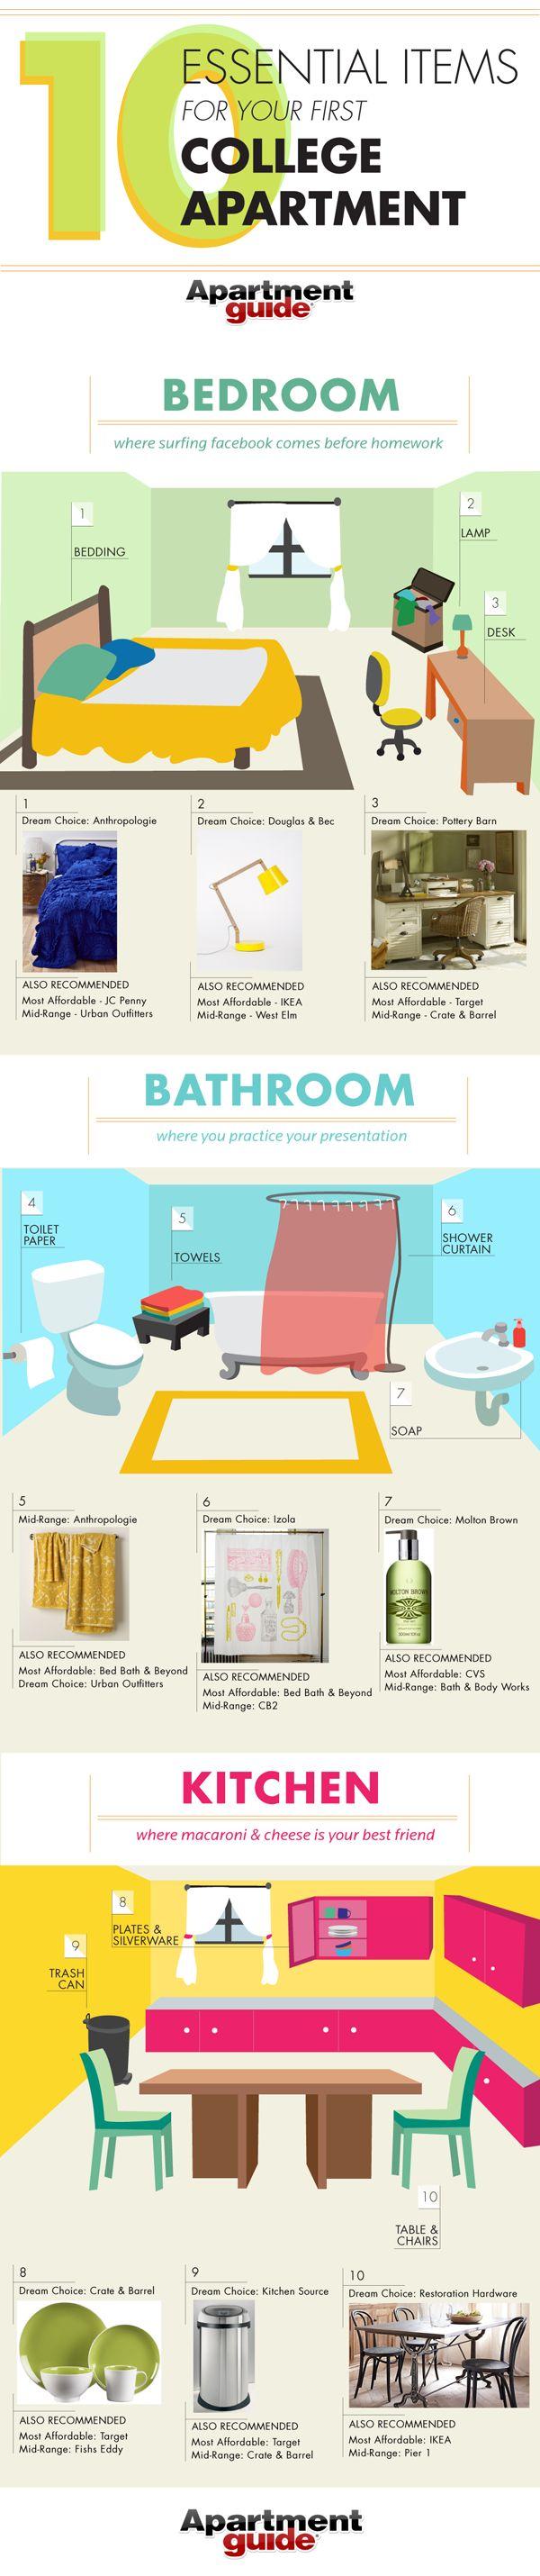 Best 25 New Apartment Essentials ideas on Pinterest Checklist